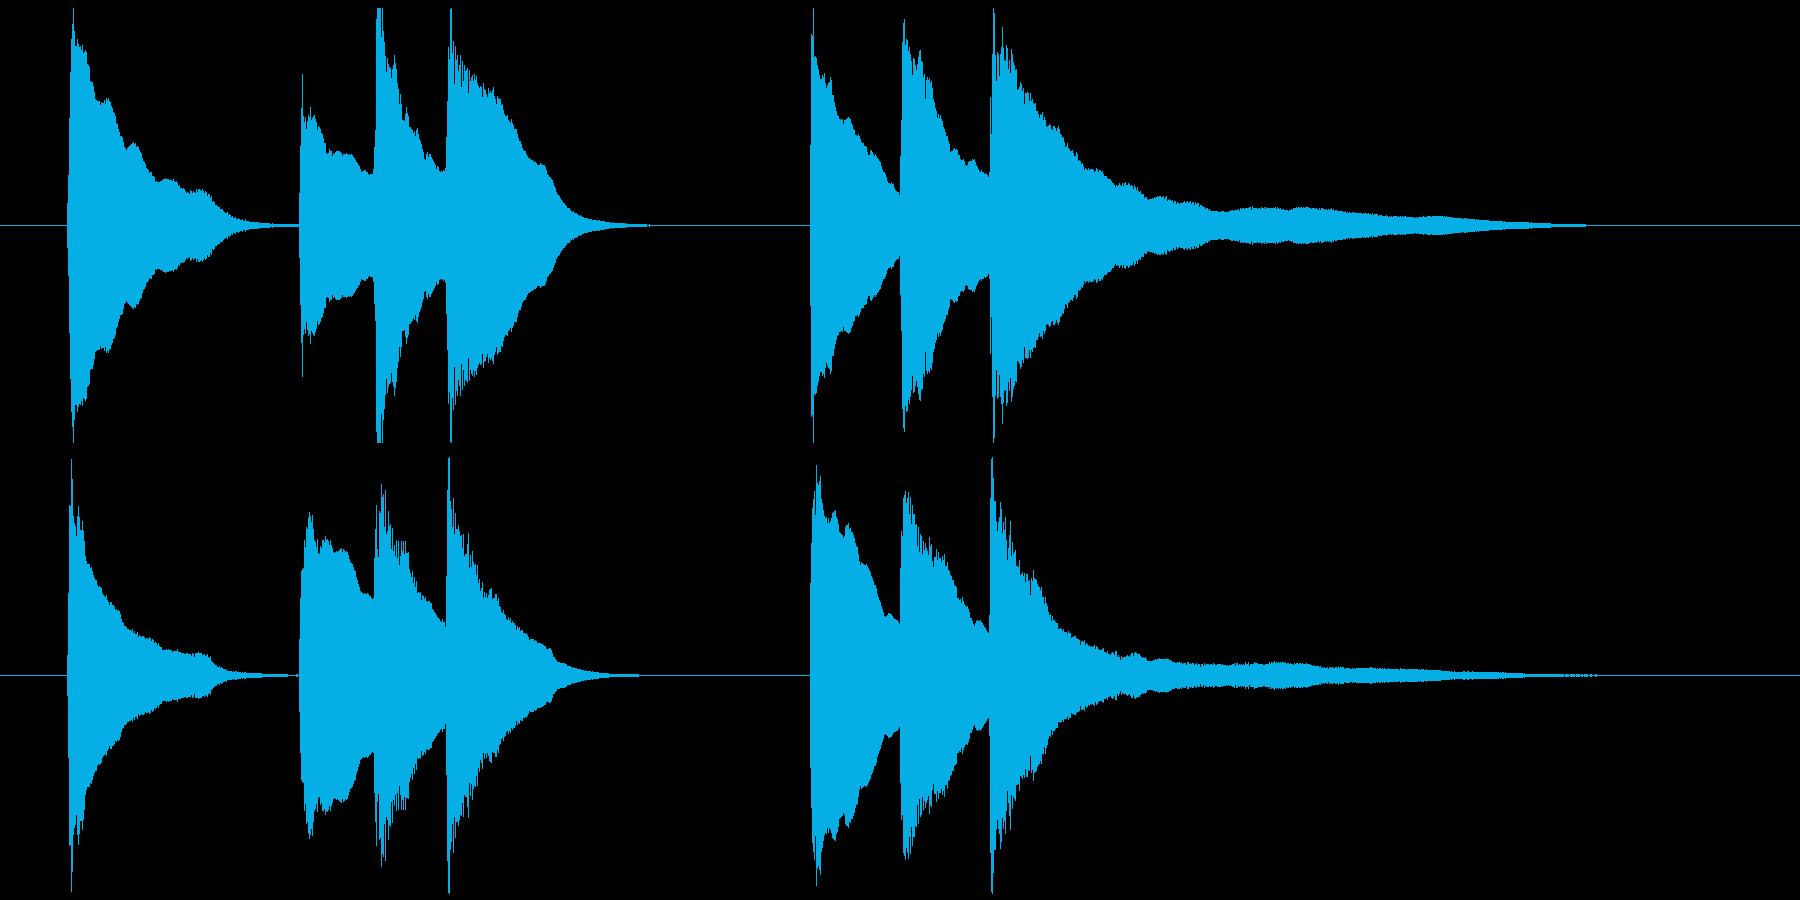 ピアノソロジングル06の再生済みの波形